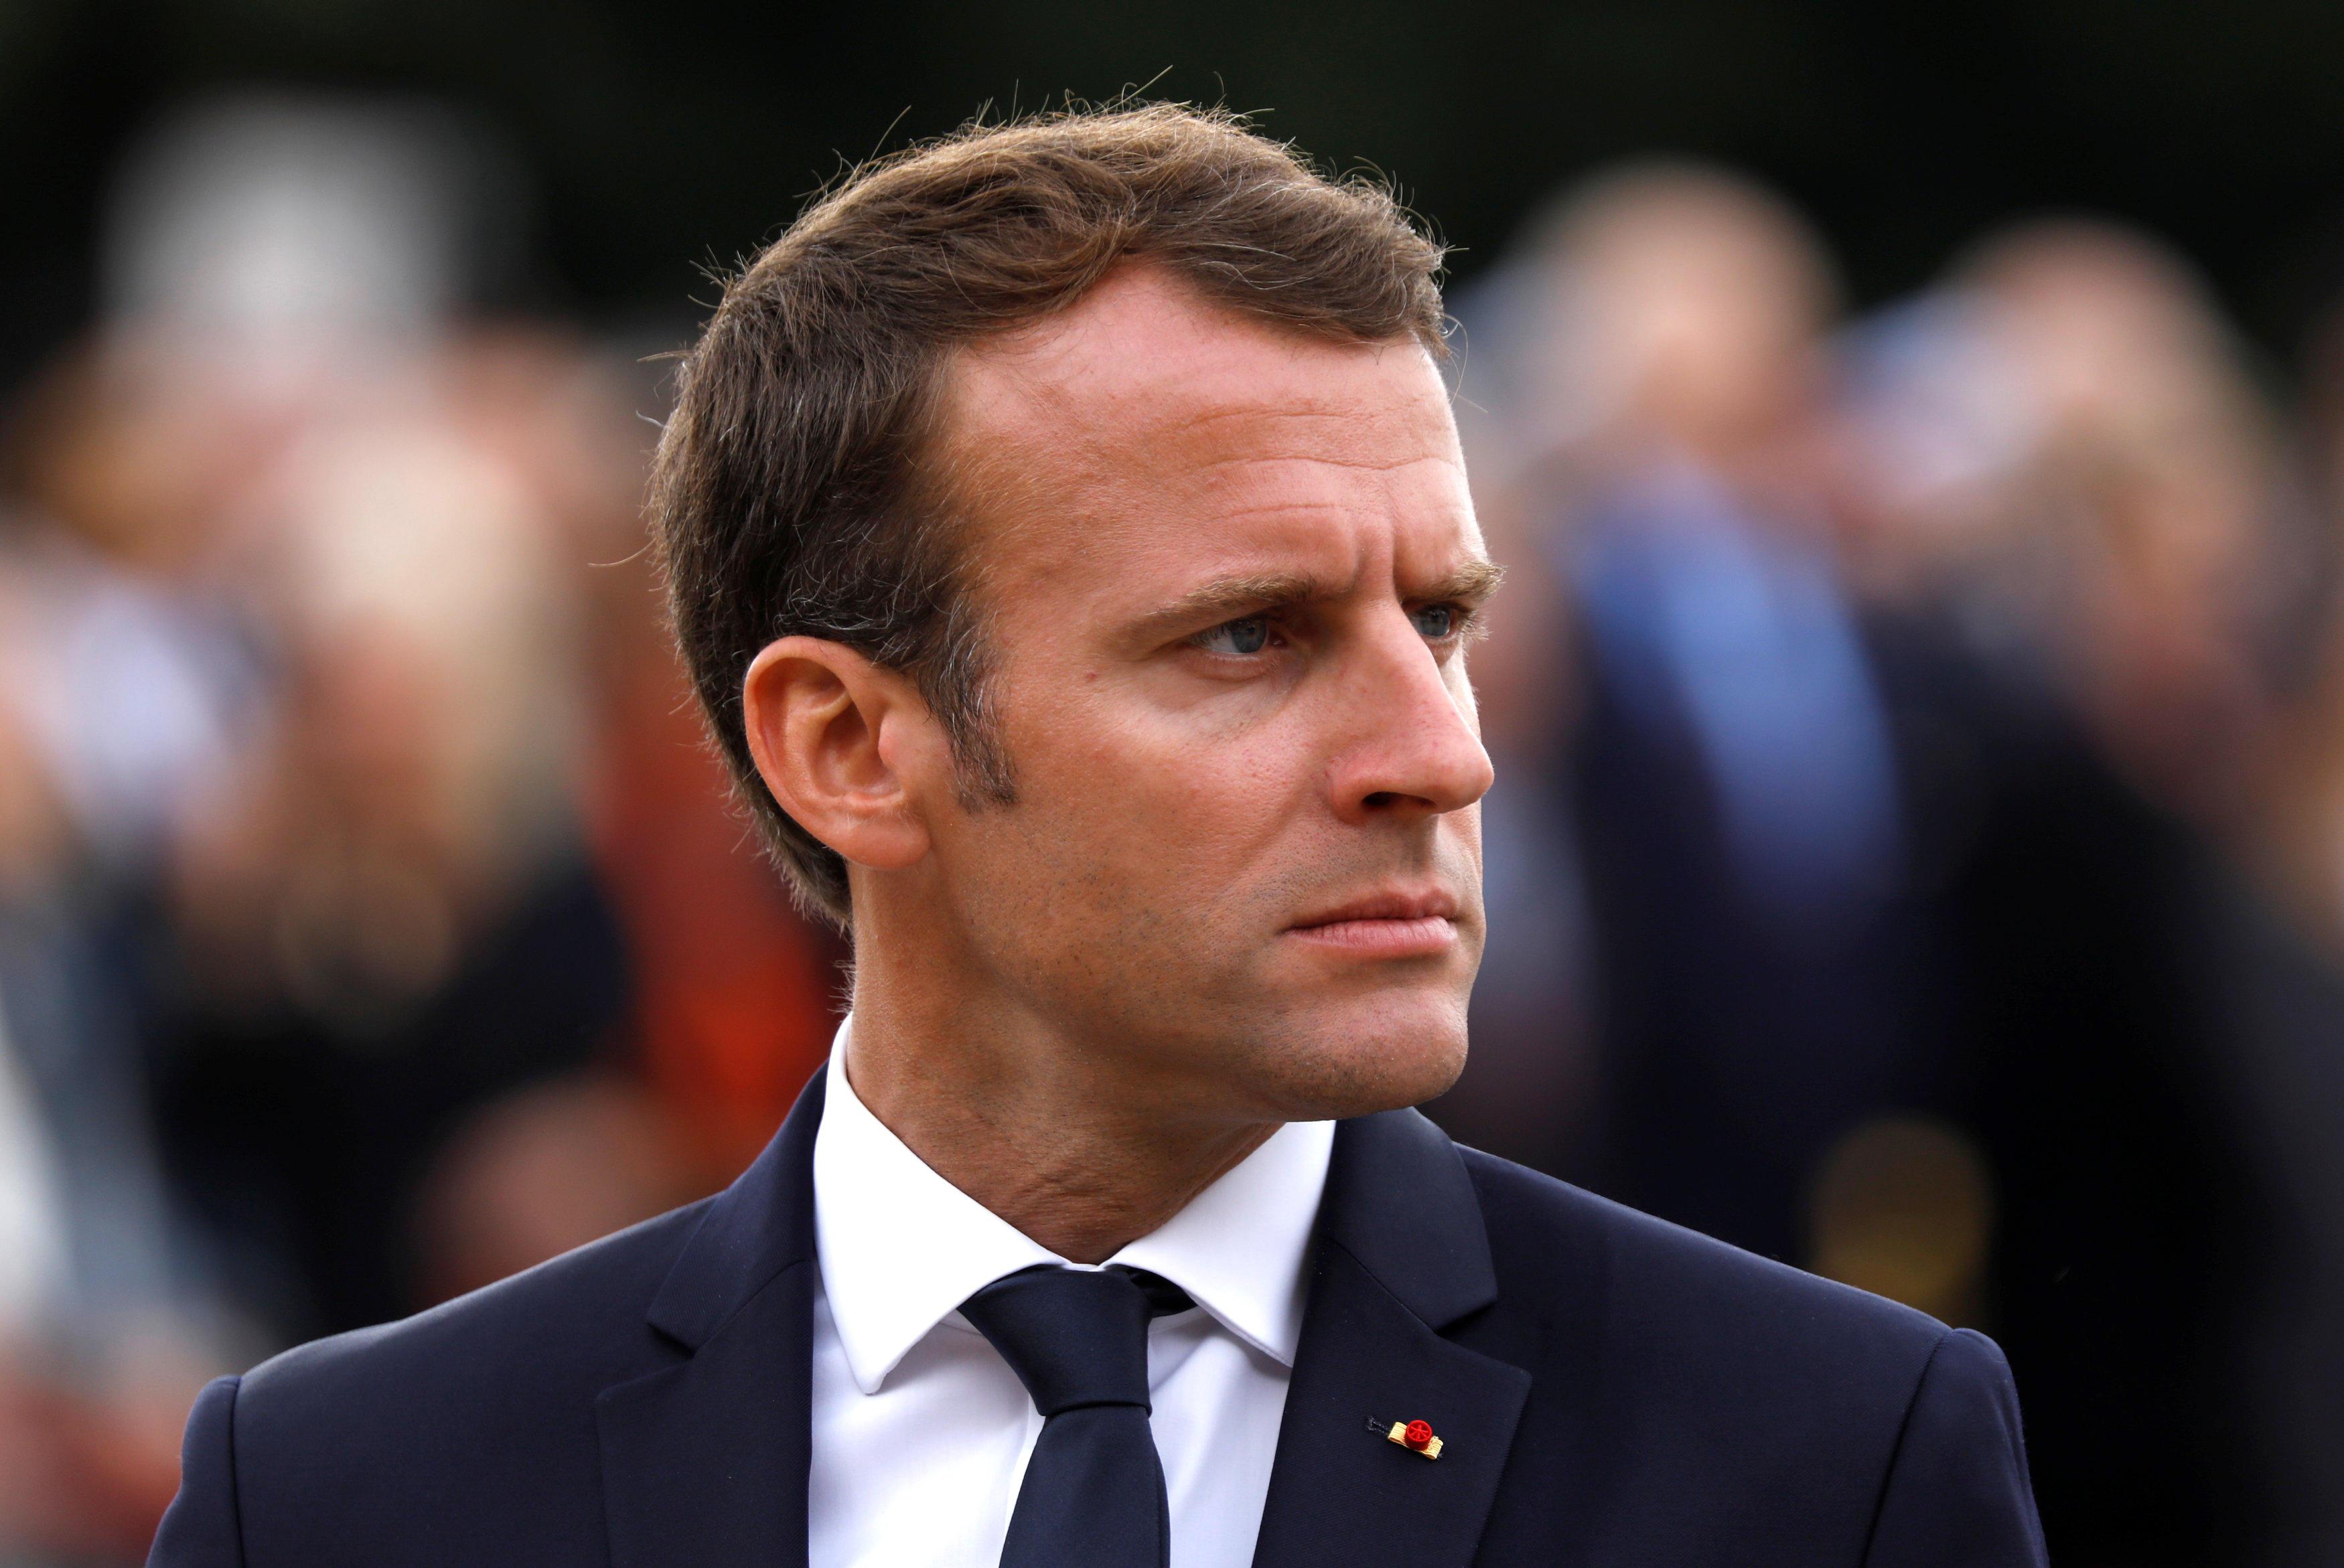 Economie, santé,racisme: ce qu'il faut retenir du discours d'Emmanuel Macron